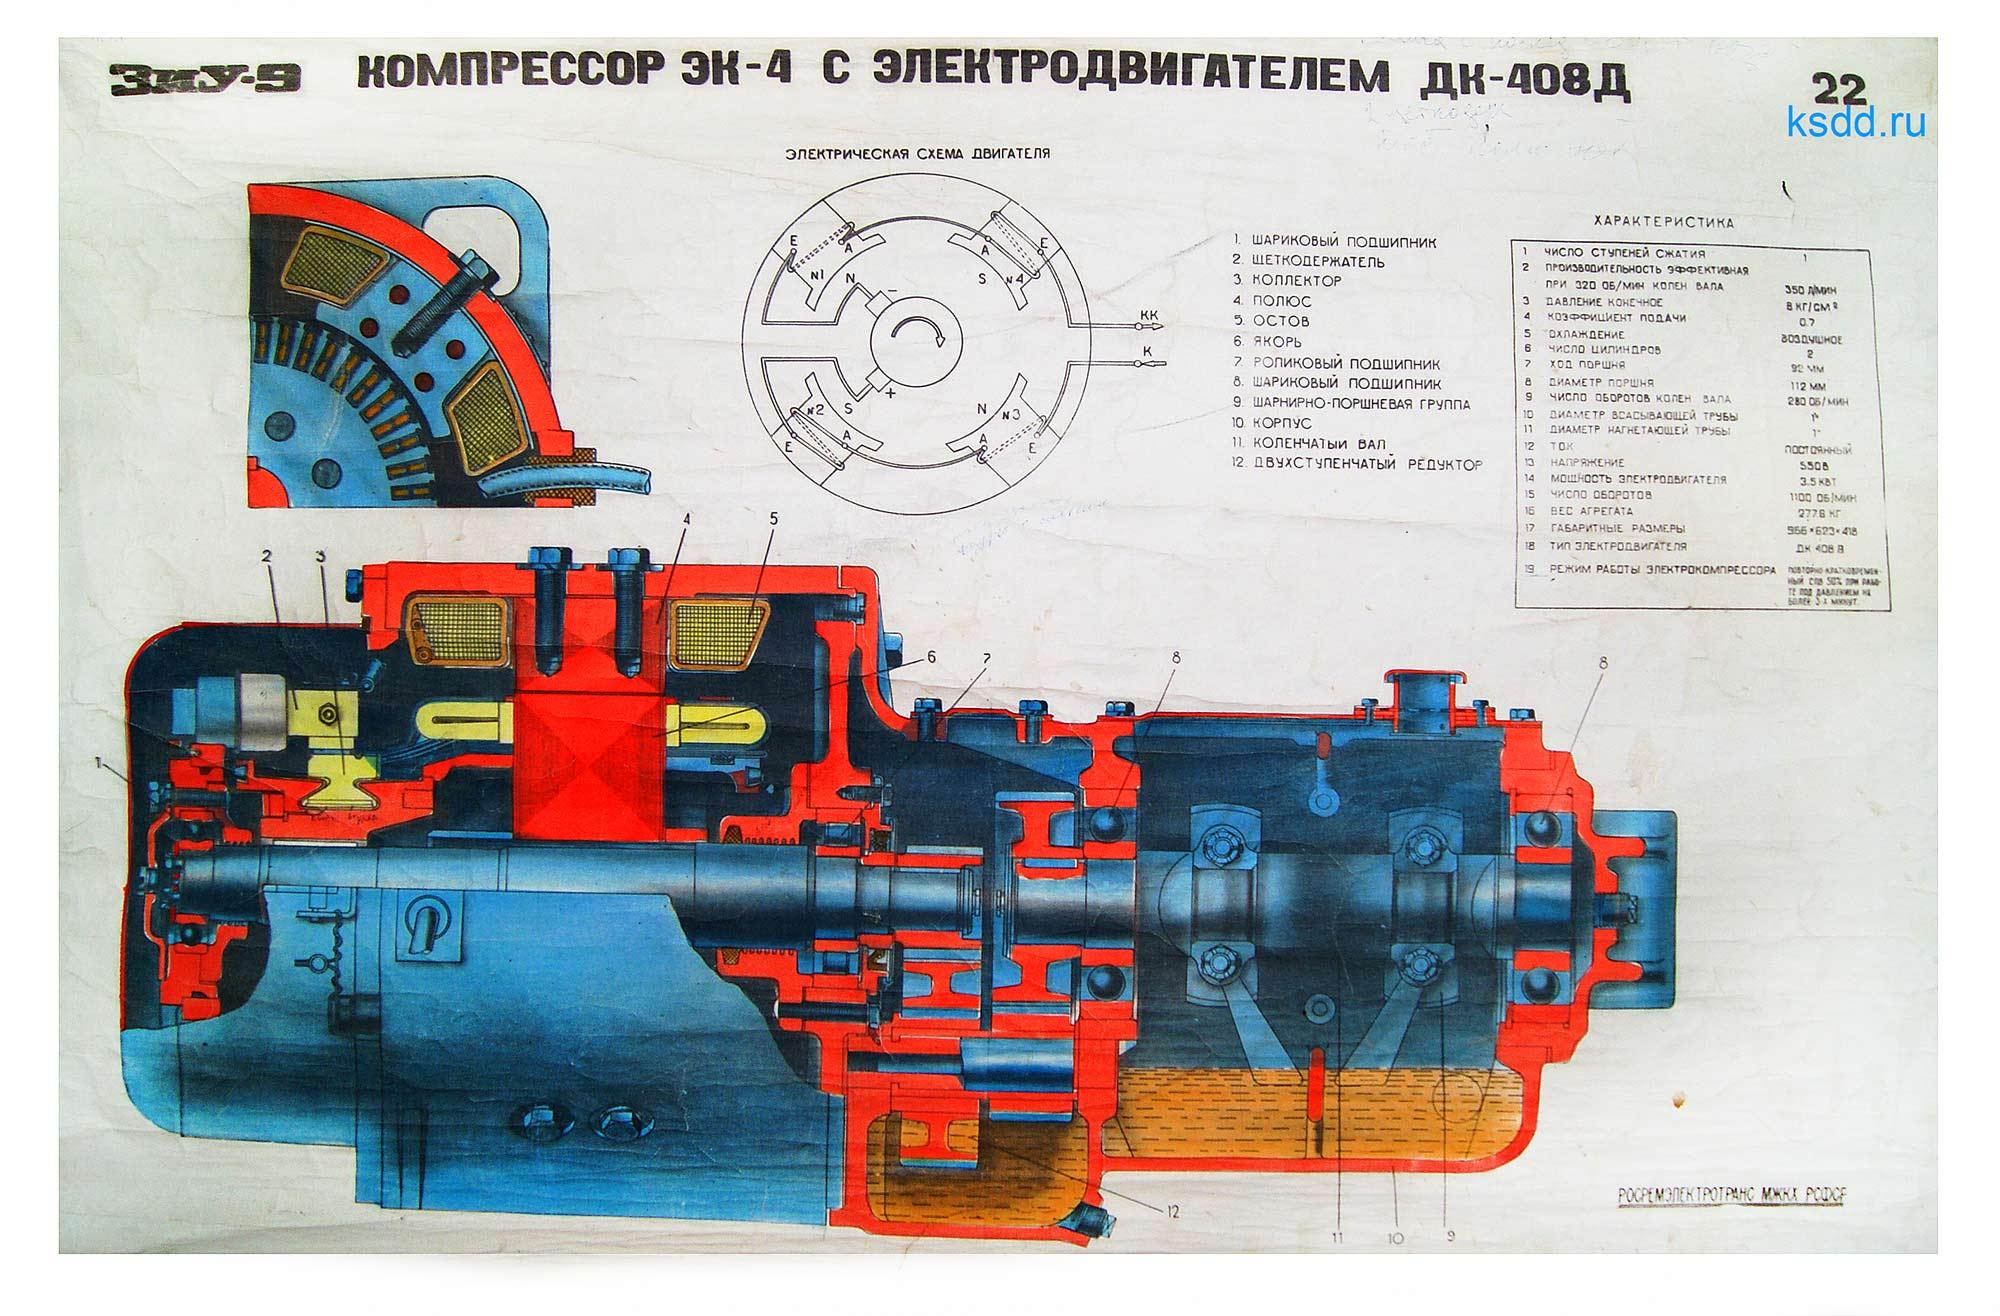 34.-ЗиУ-9-Компрессор-ЭК-4-с-Электродвигателем-ДК-408Д